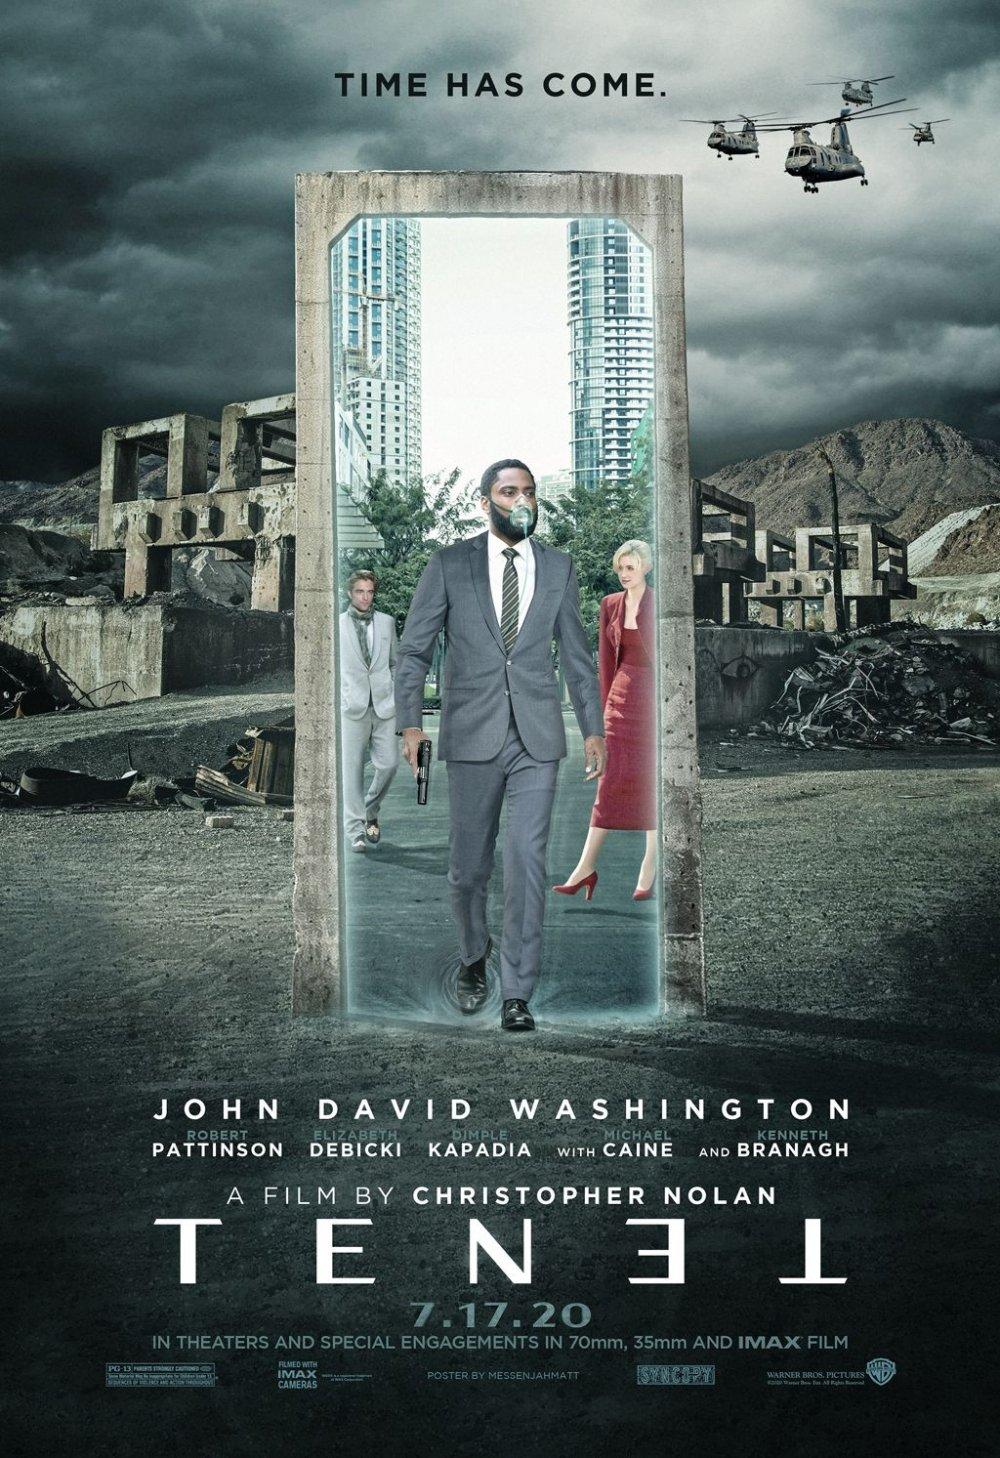 Tenet filmi ne zaman vizyona giriyor? Christopher Nolan'dan yine efsane bir film daha!